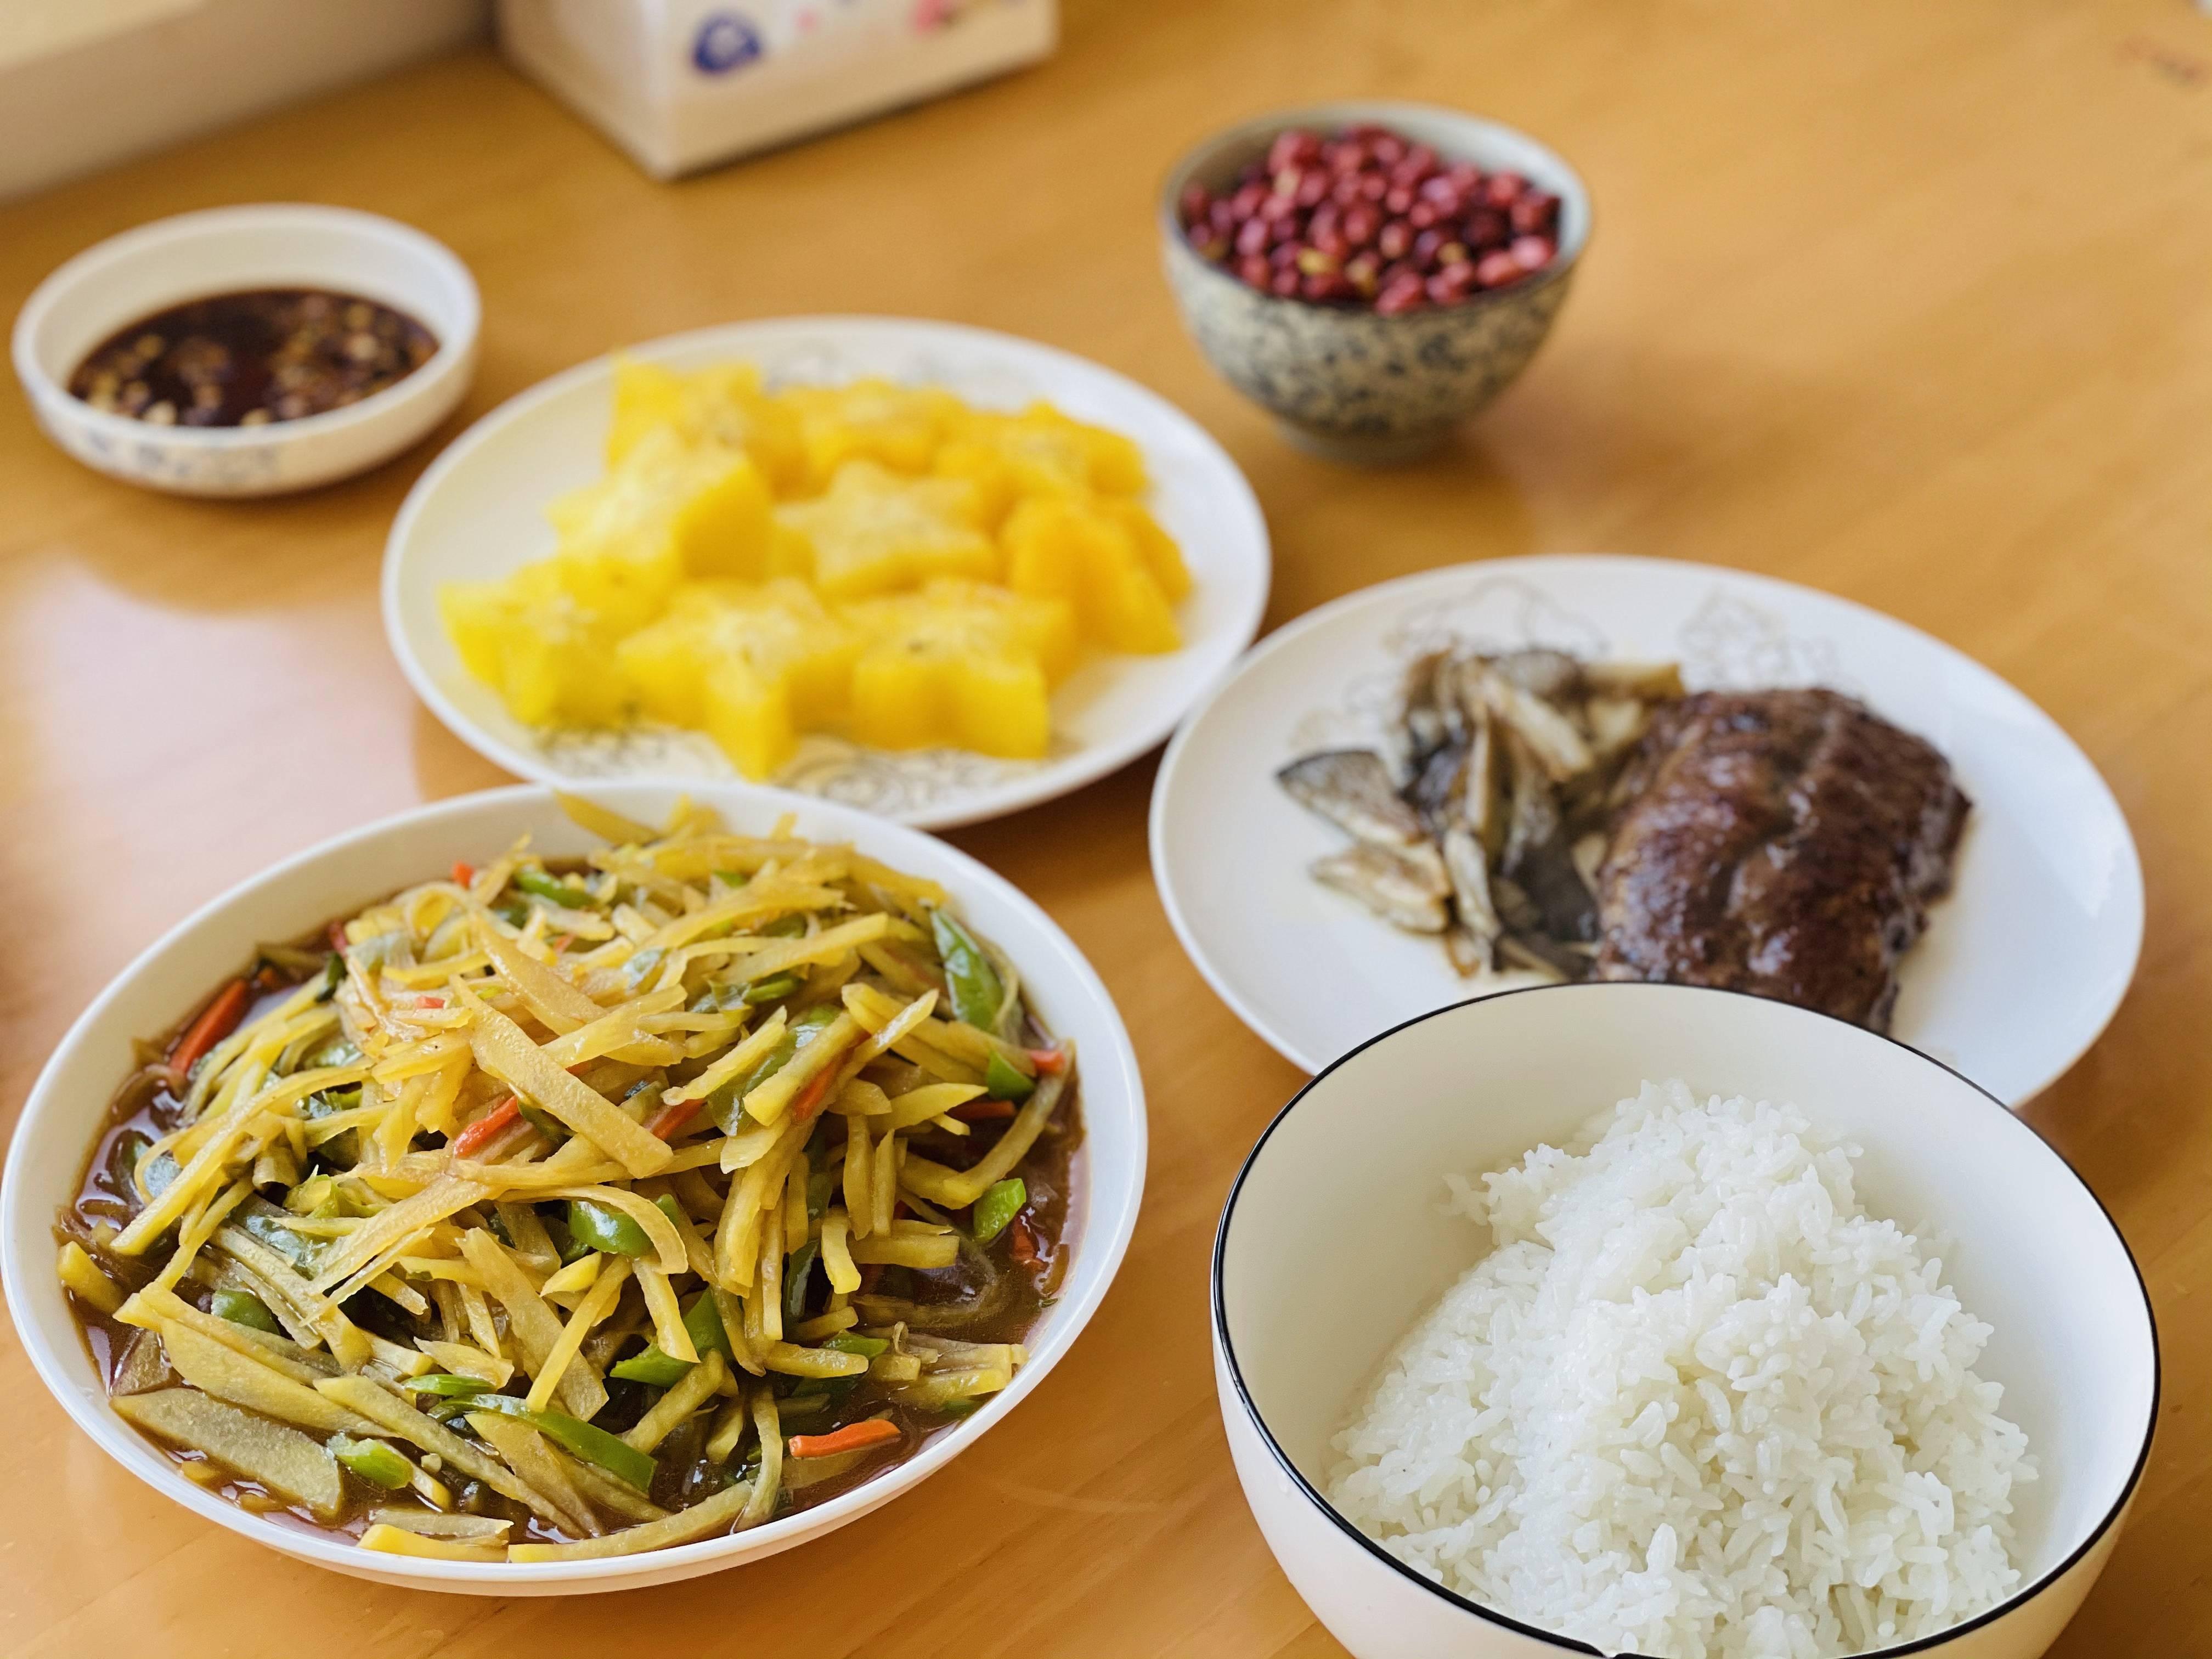 一道超级简单减肥餐-煎三文鱼与橄榄菜的做法 步骤5